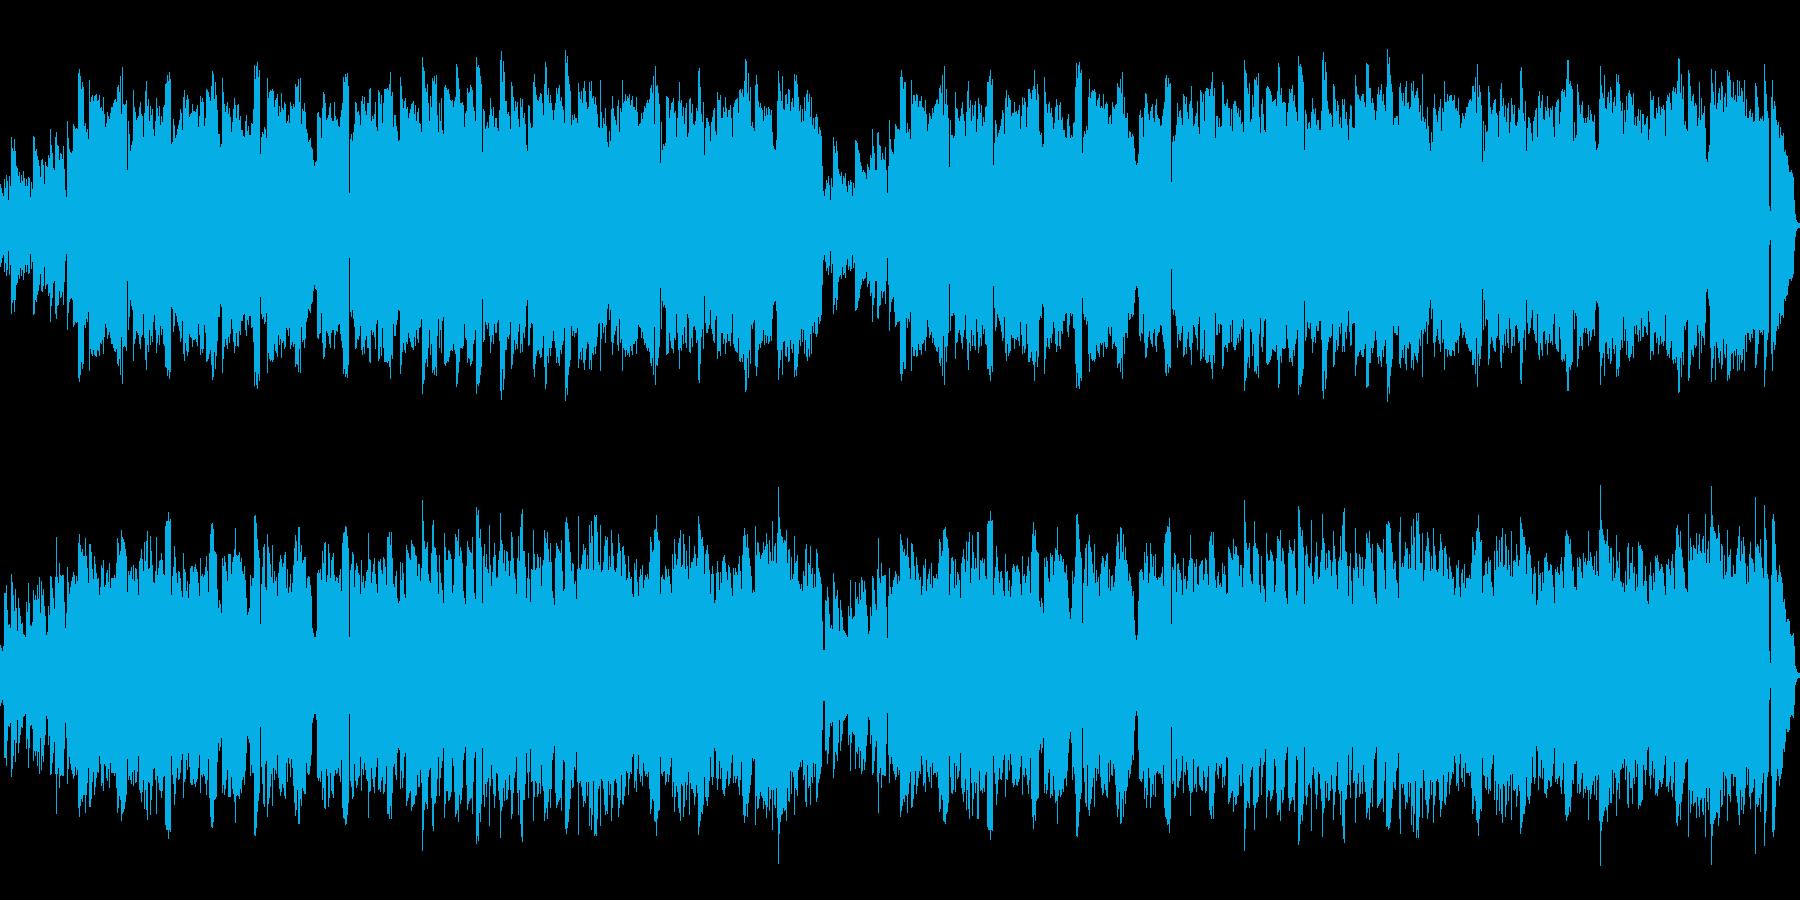 ジャズ風でメロディアスなピアノラブソングの再生済みの波形